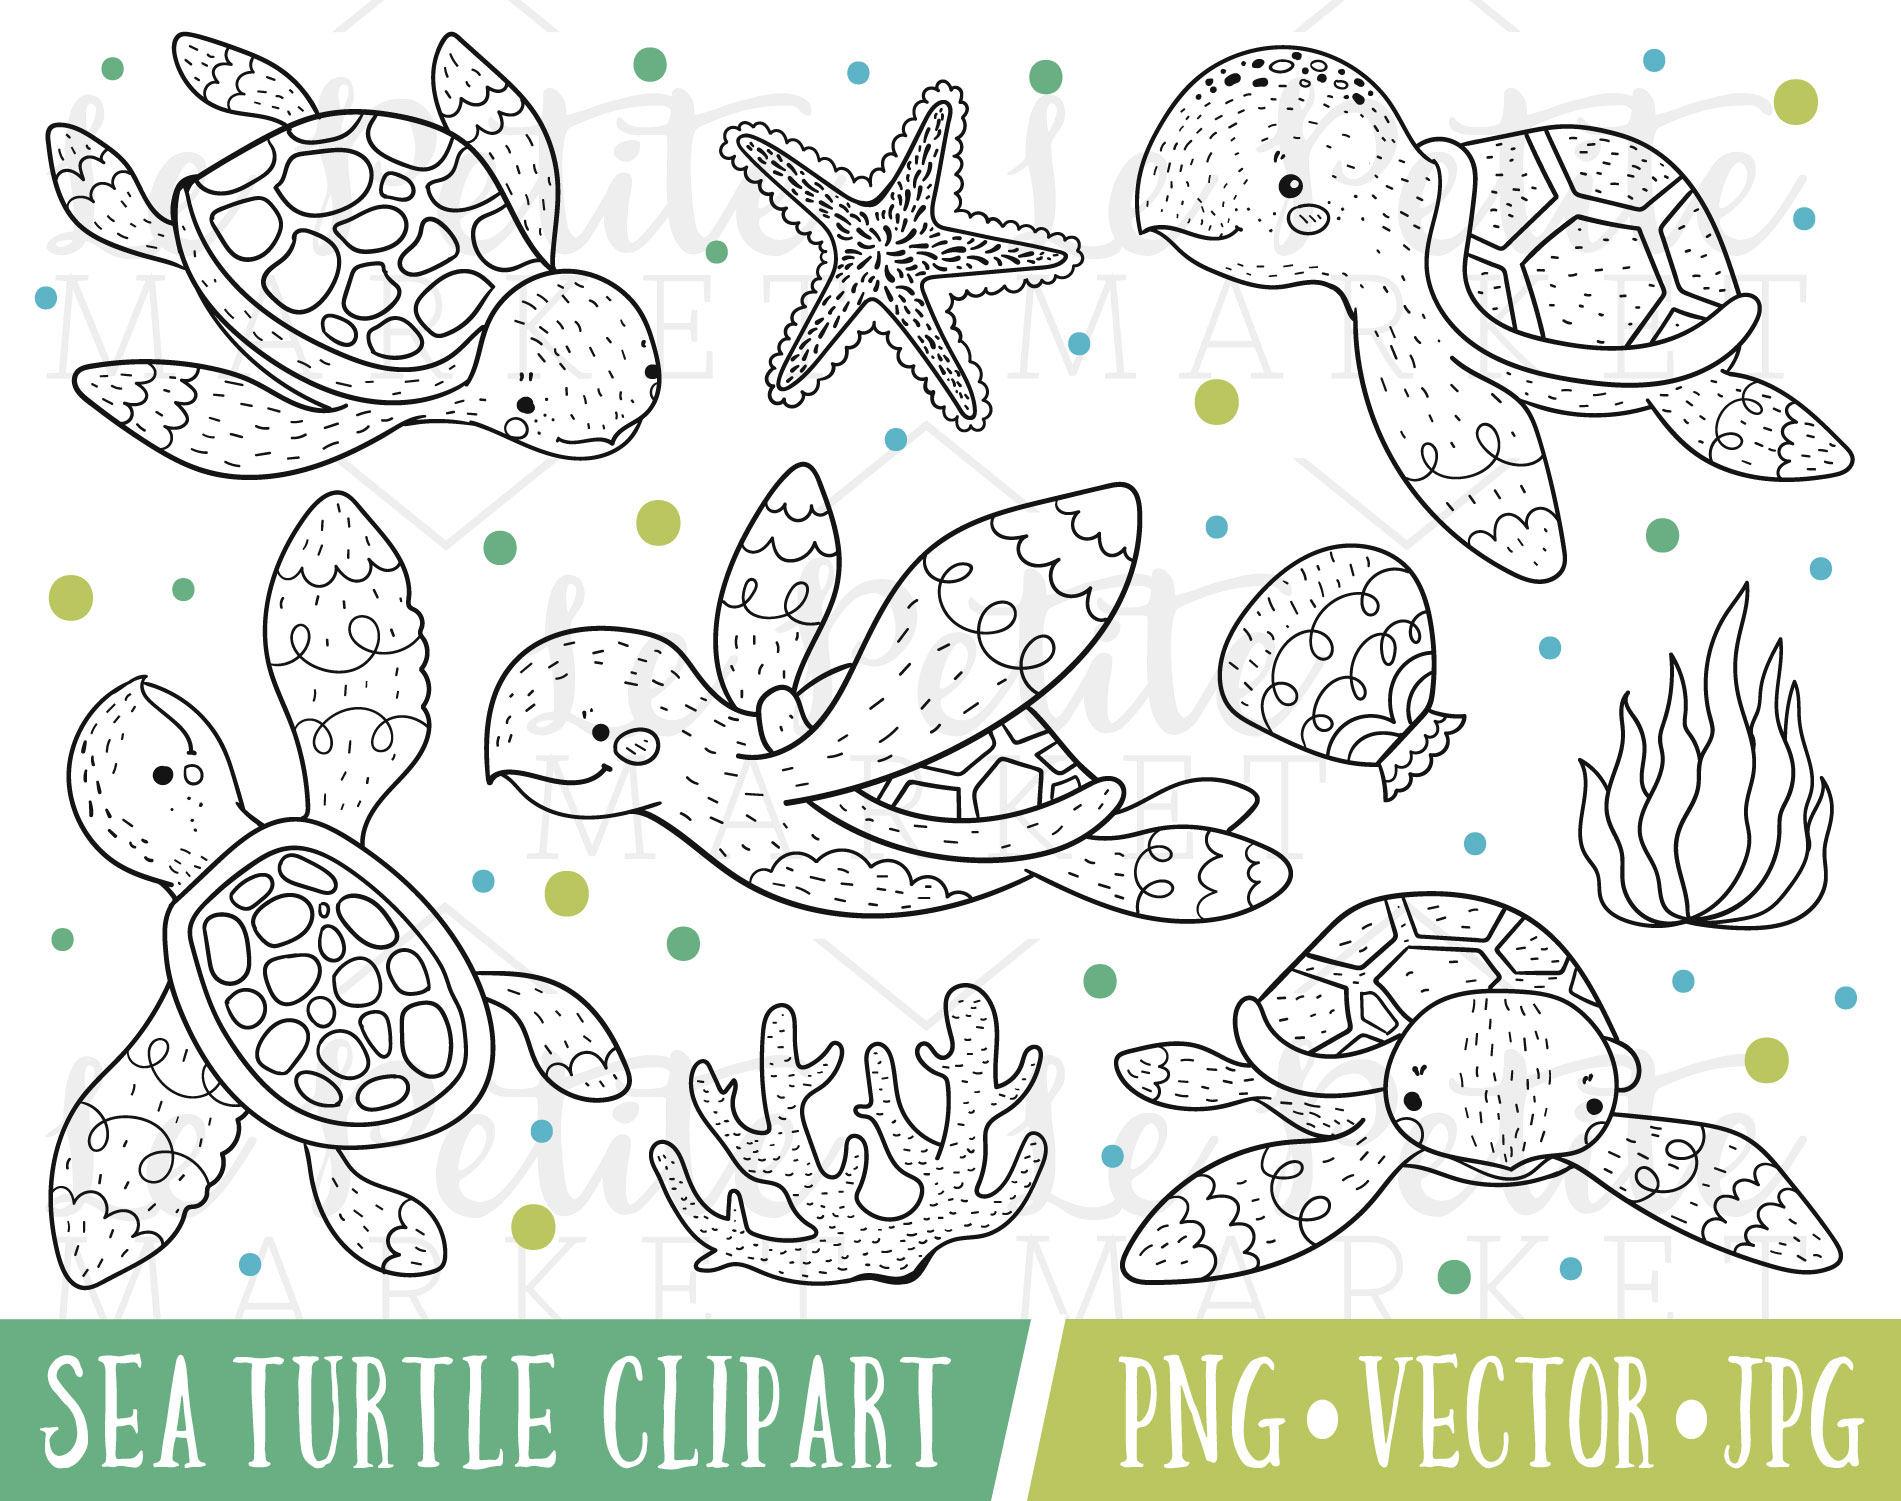 Linda tortuga conjunto Clipart ilustraciones de tortugas   Etsy